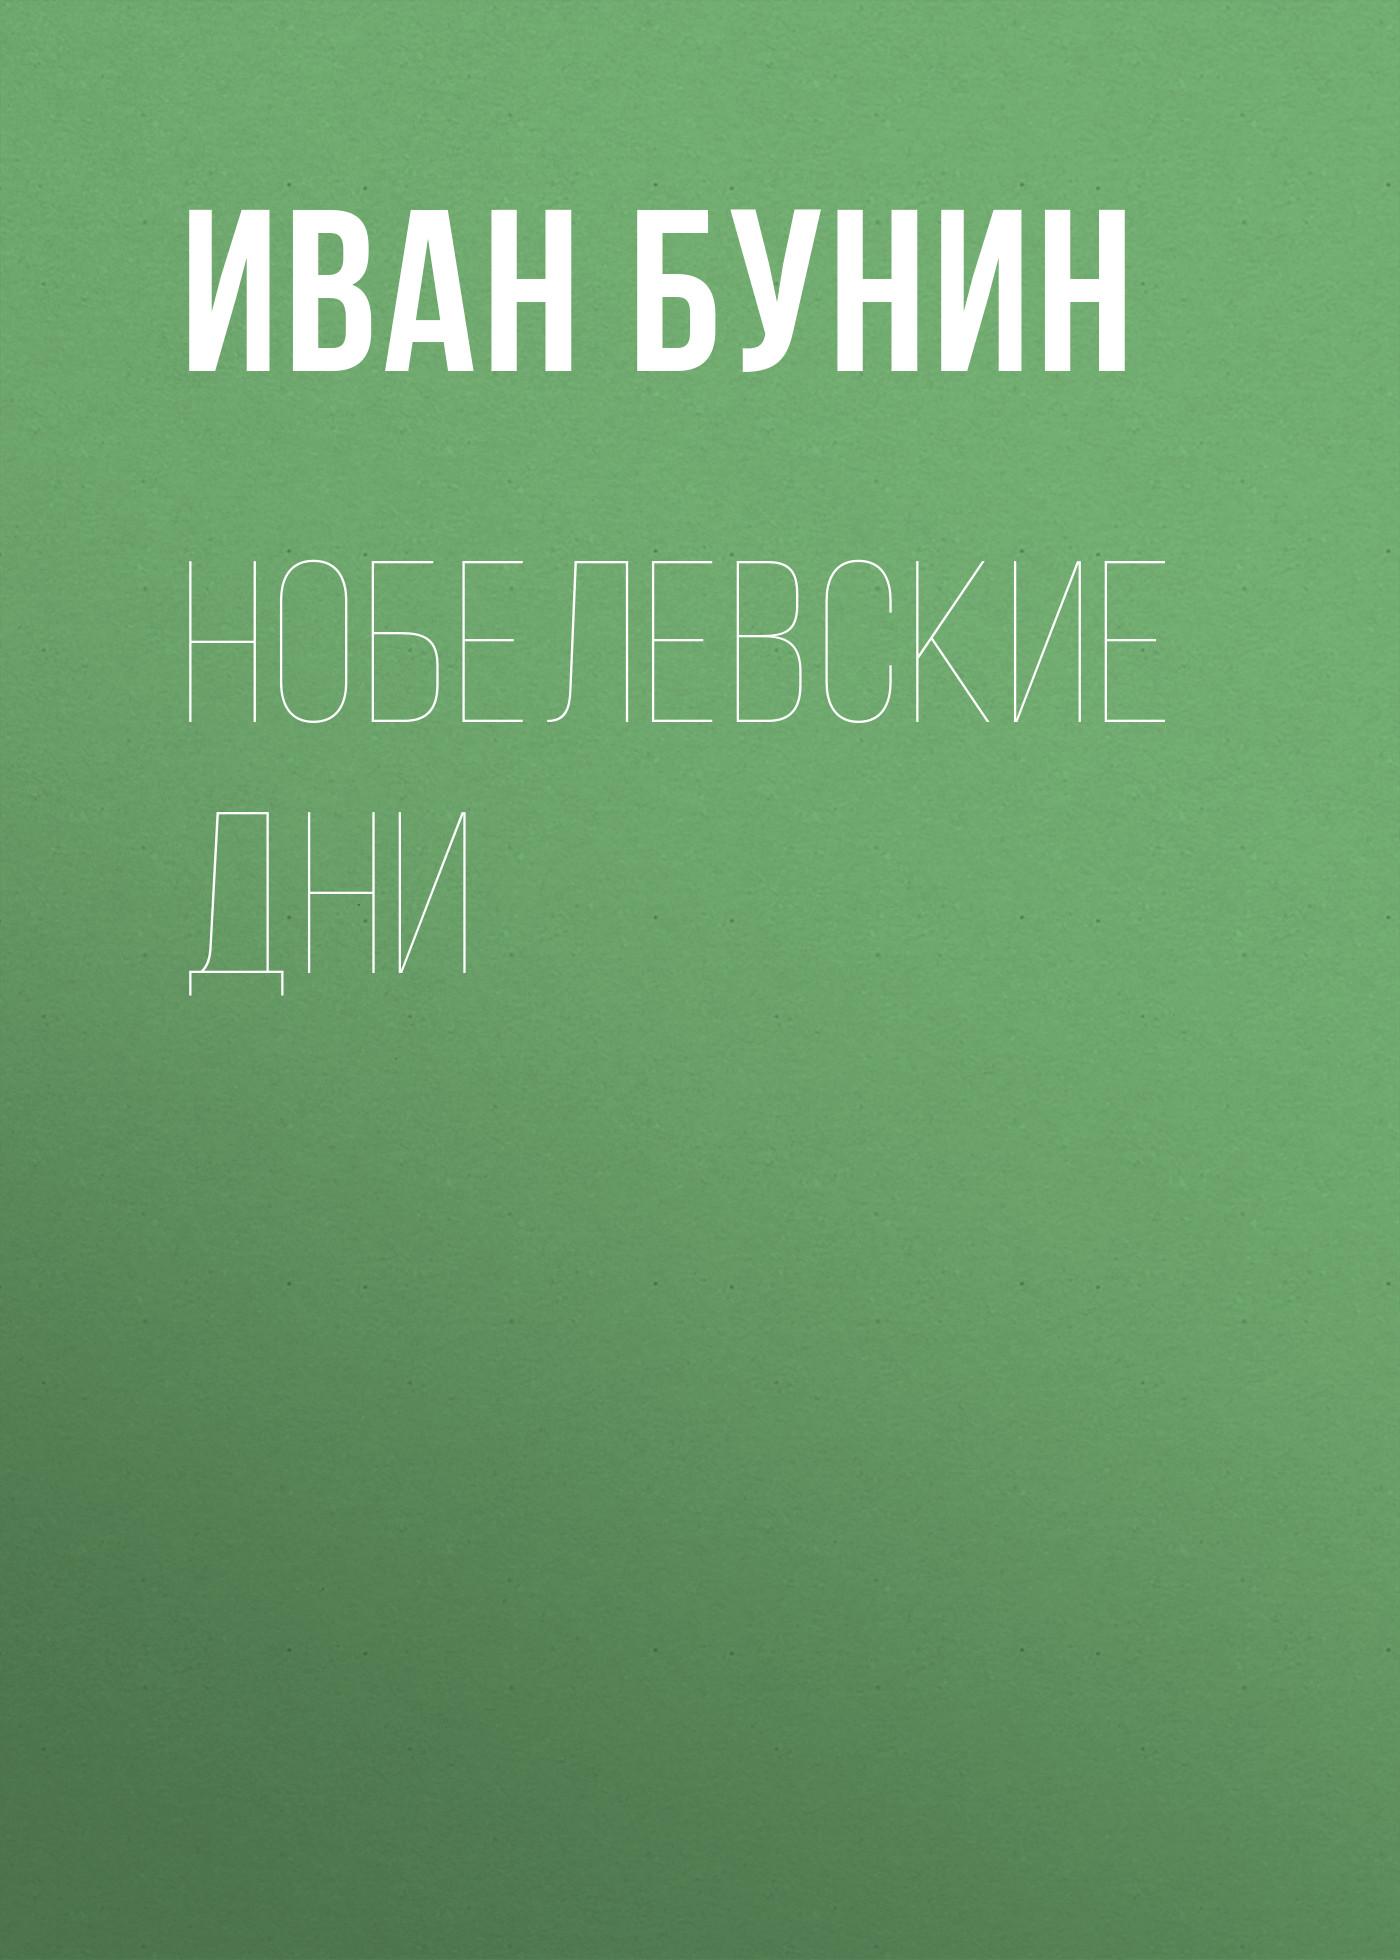 цена на Иван Бунин Нобелевские дни